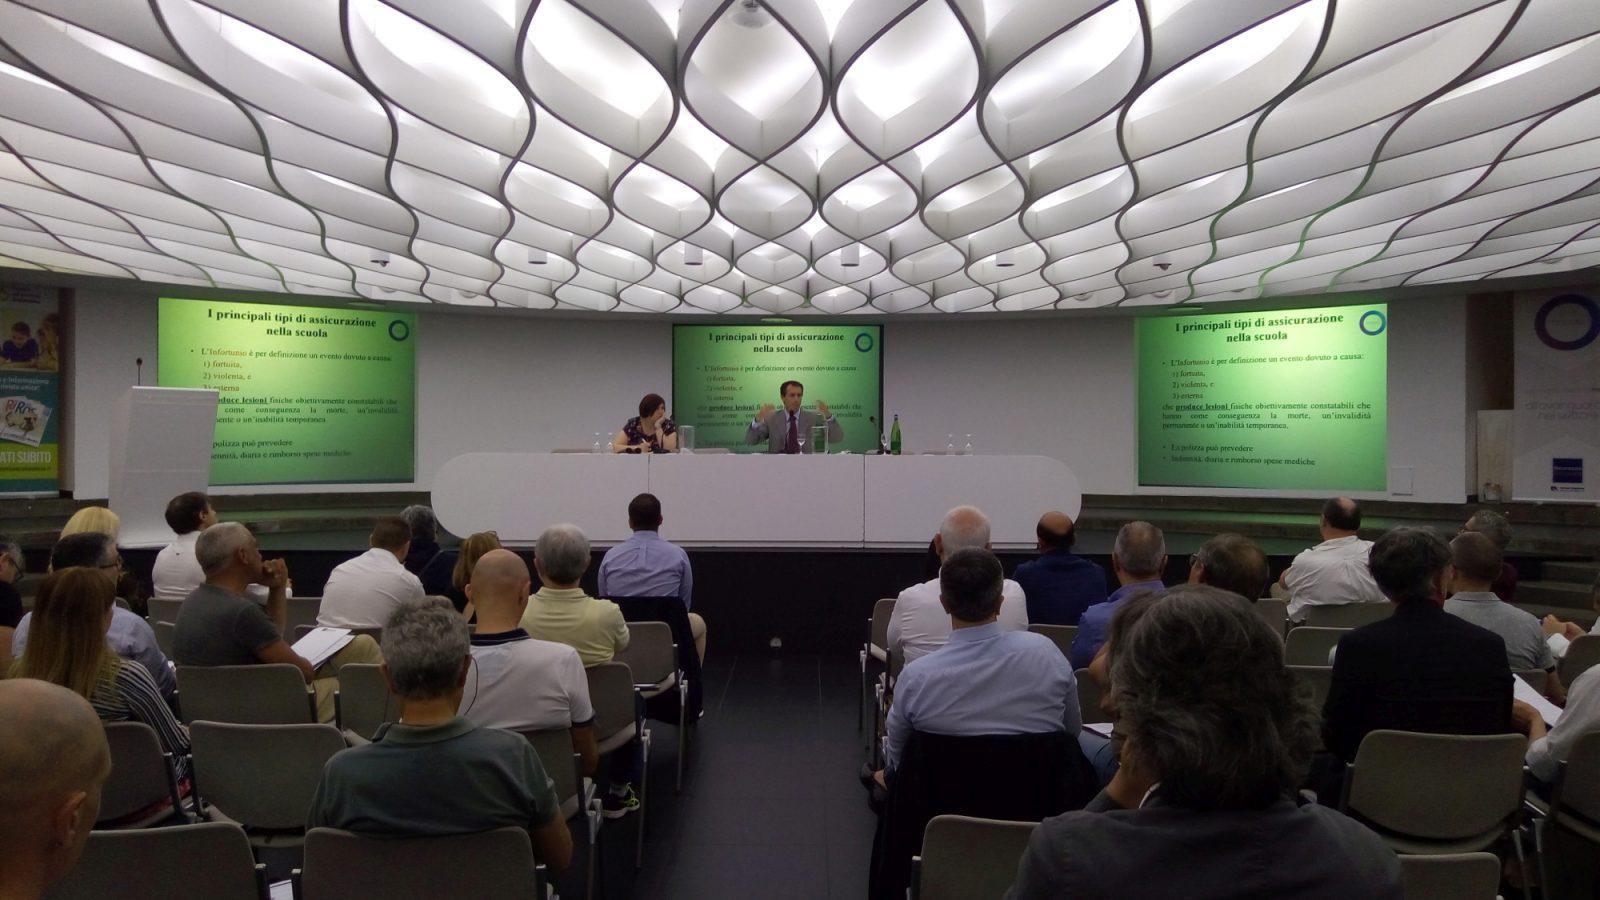 XV Meeting Benacquista Sicurezza Scuola - Stefano Feltrin Imc